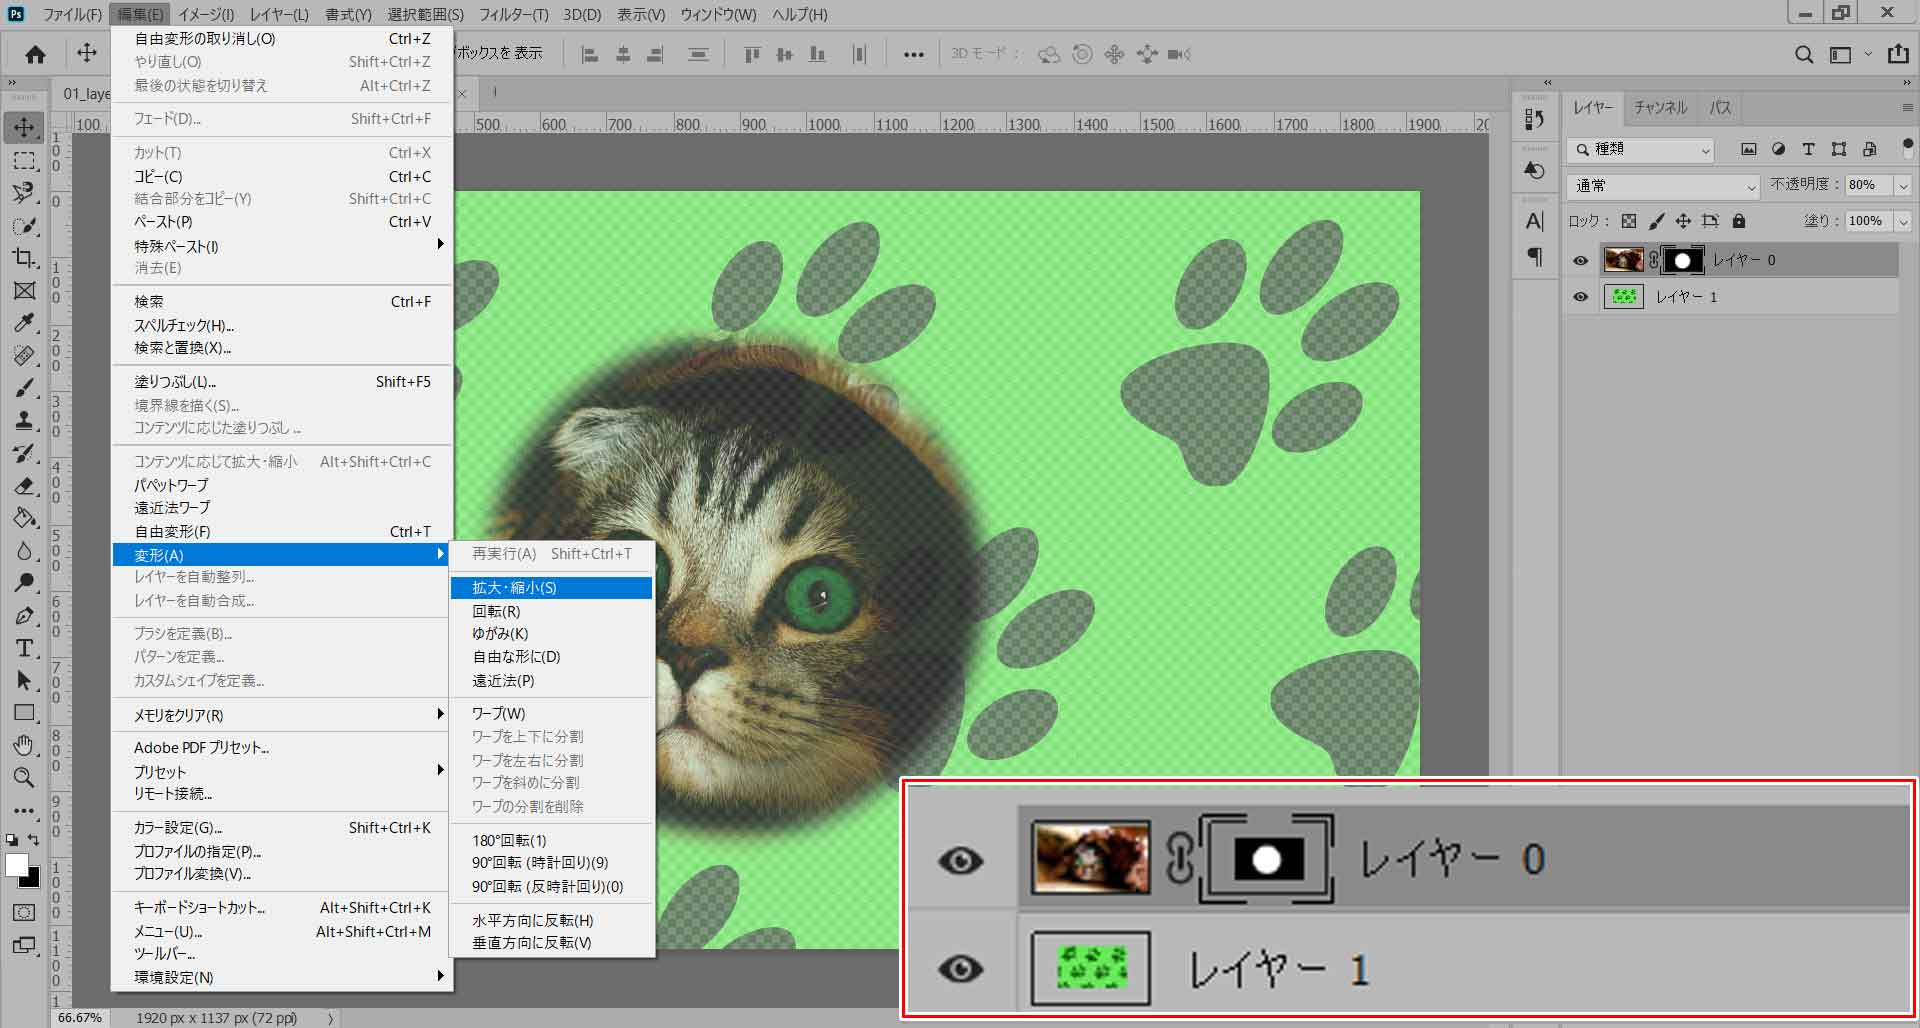 切り抜き画像のサイズを調整する